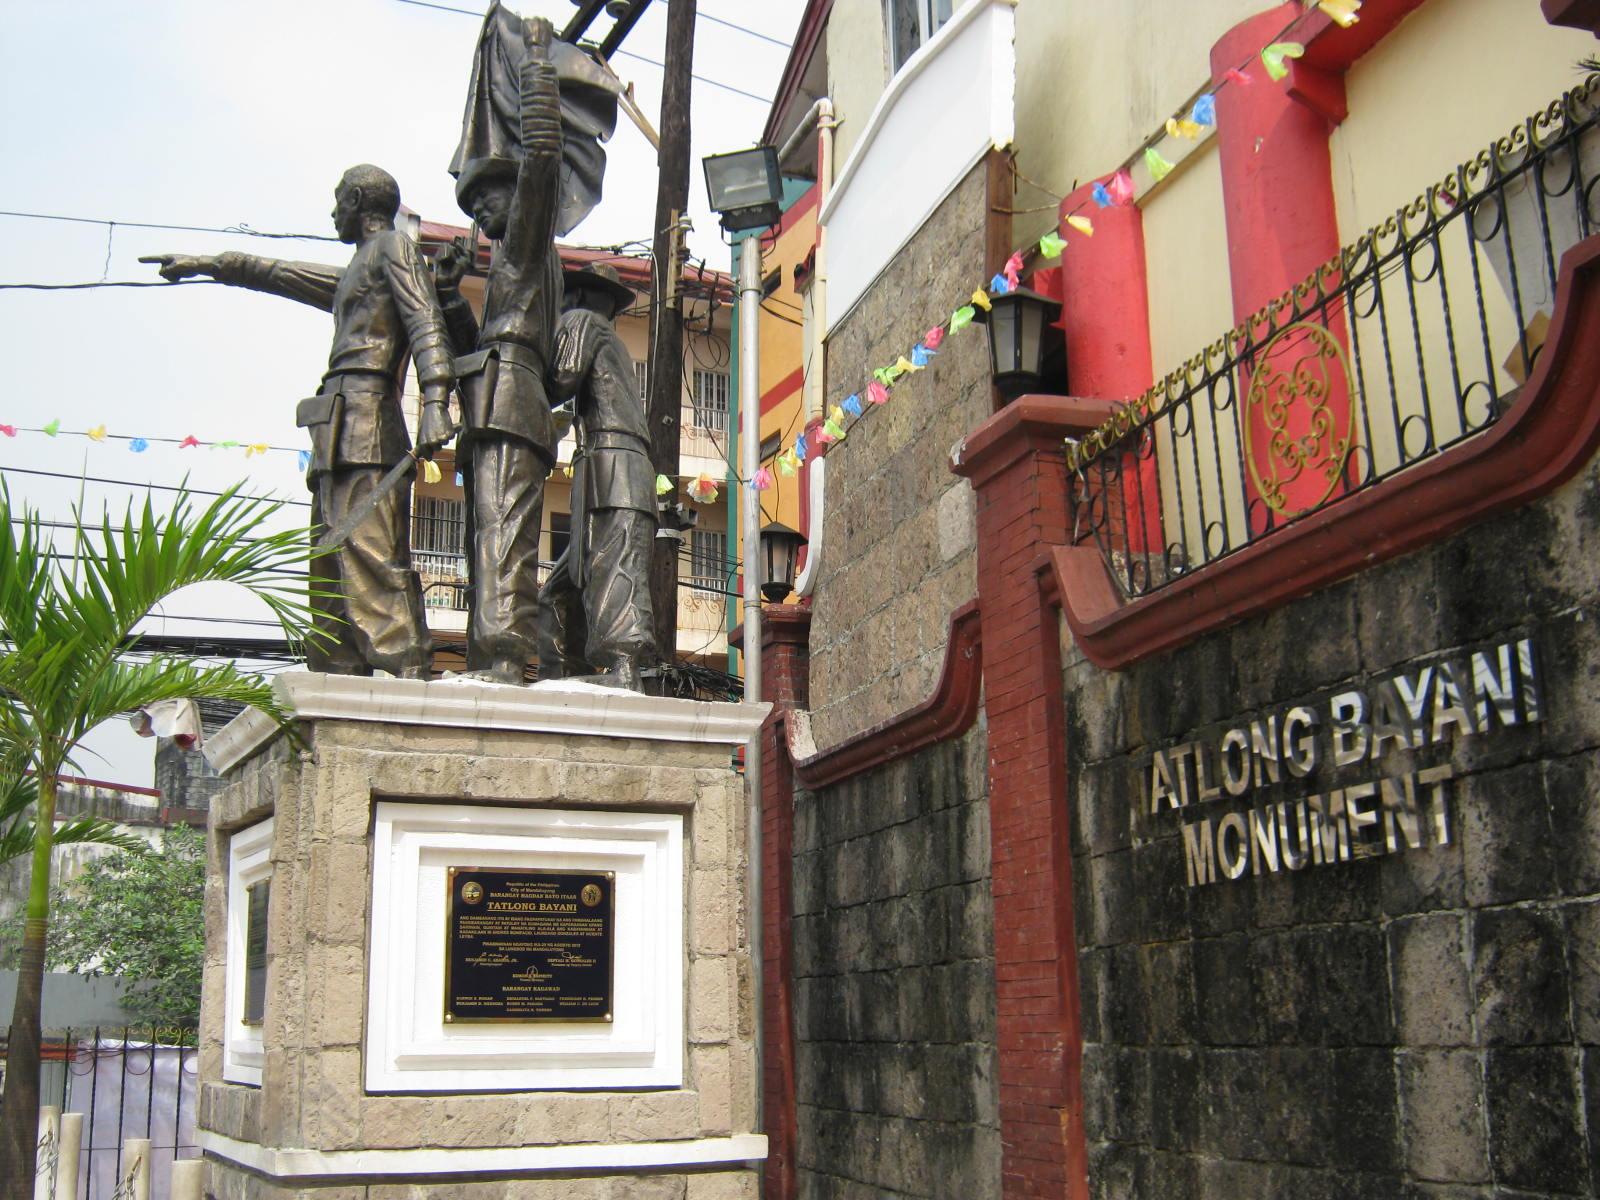 The Tatlong Bayani monument of Bonifacio, Gen. Kalentong, and Laureano Gonzales in Hagdang Bato (photo courtesy of Wazzup Pilipinas)